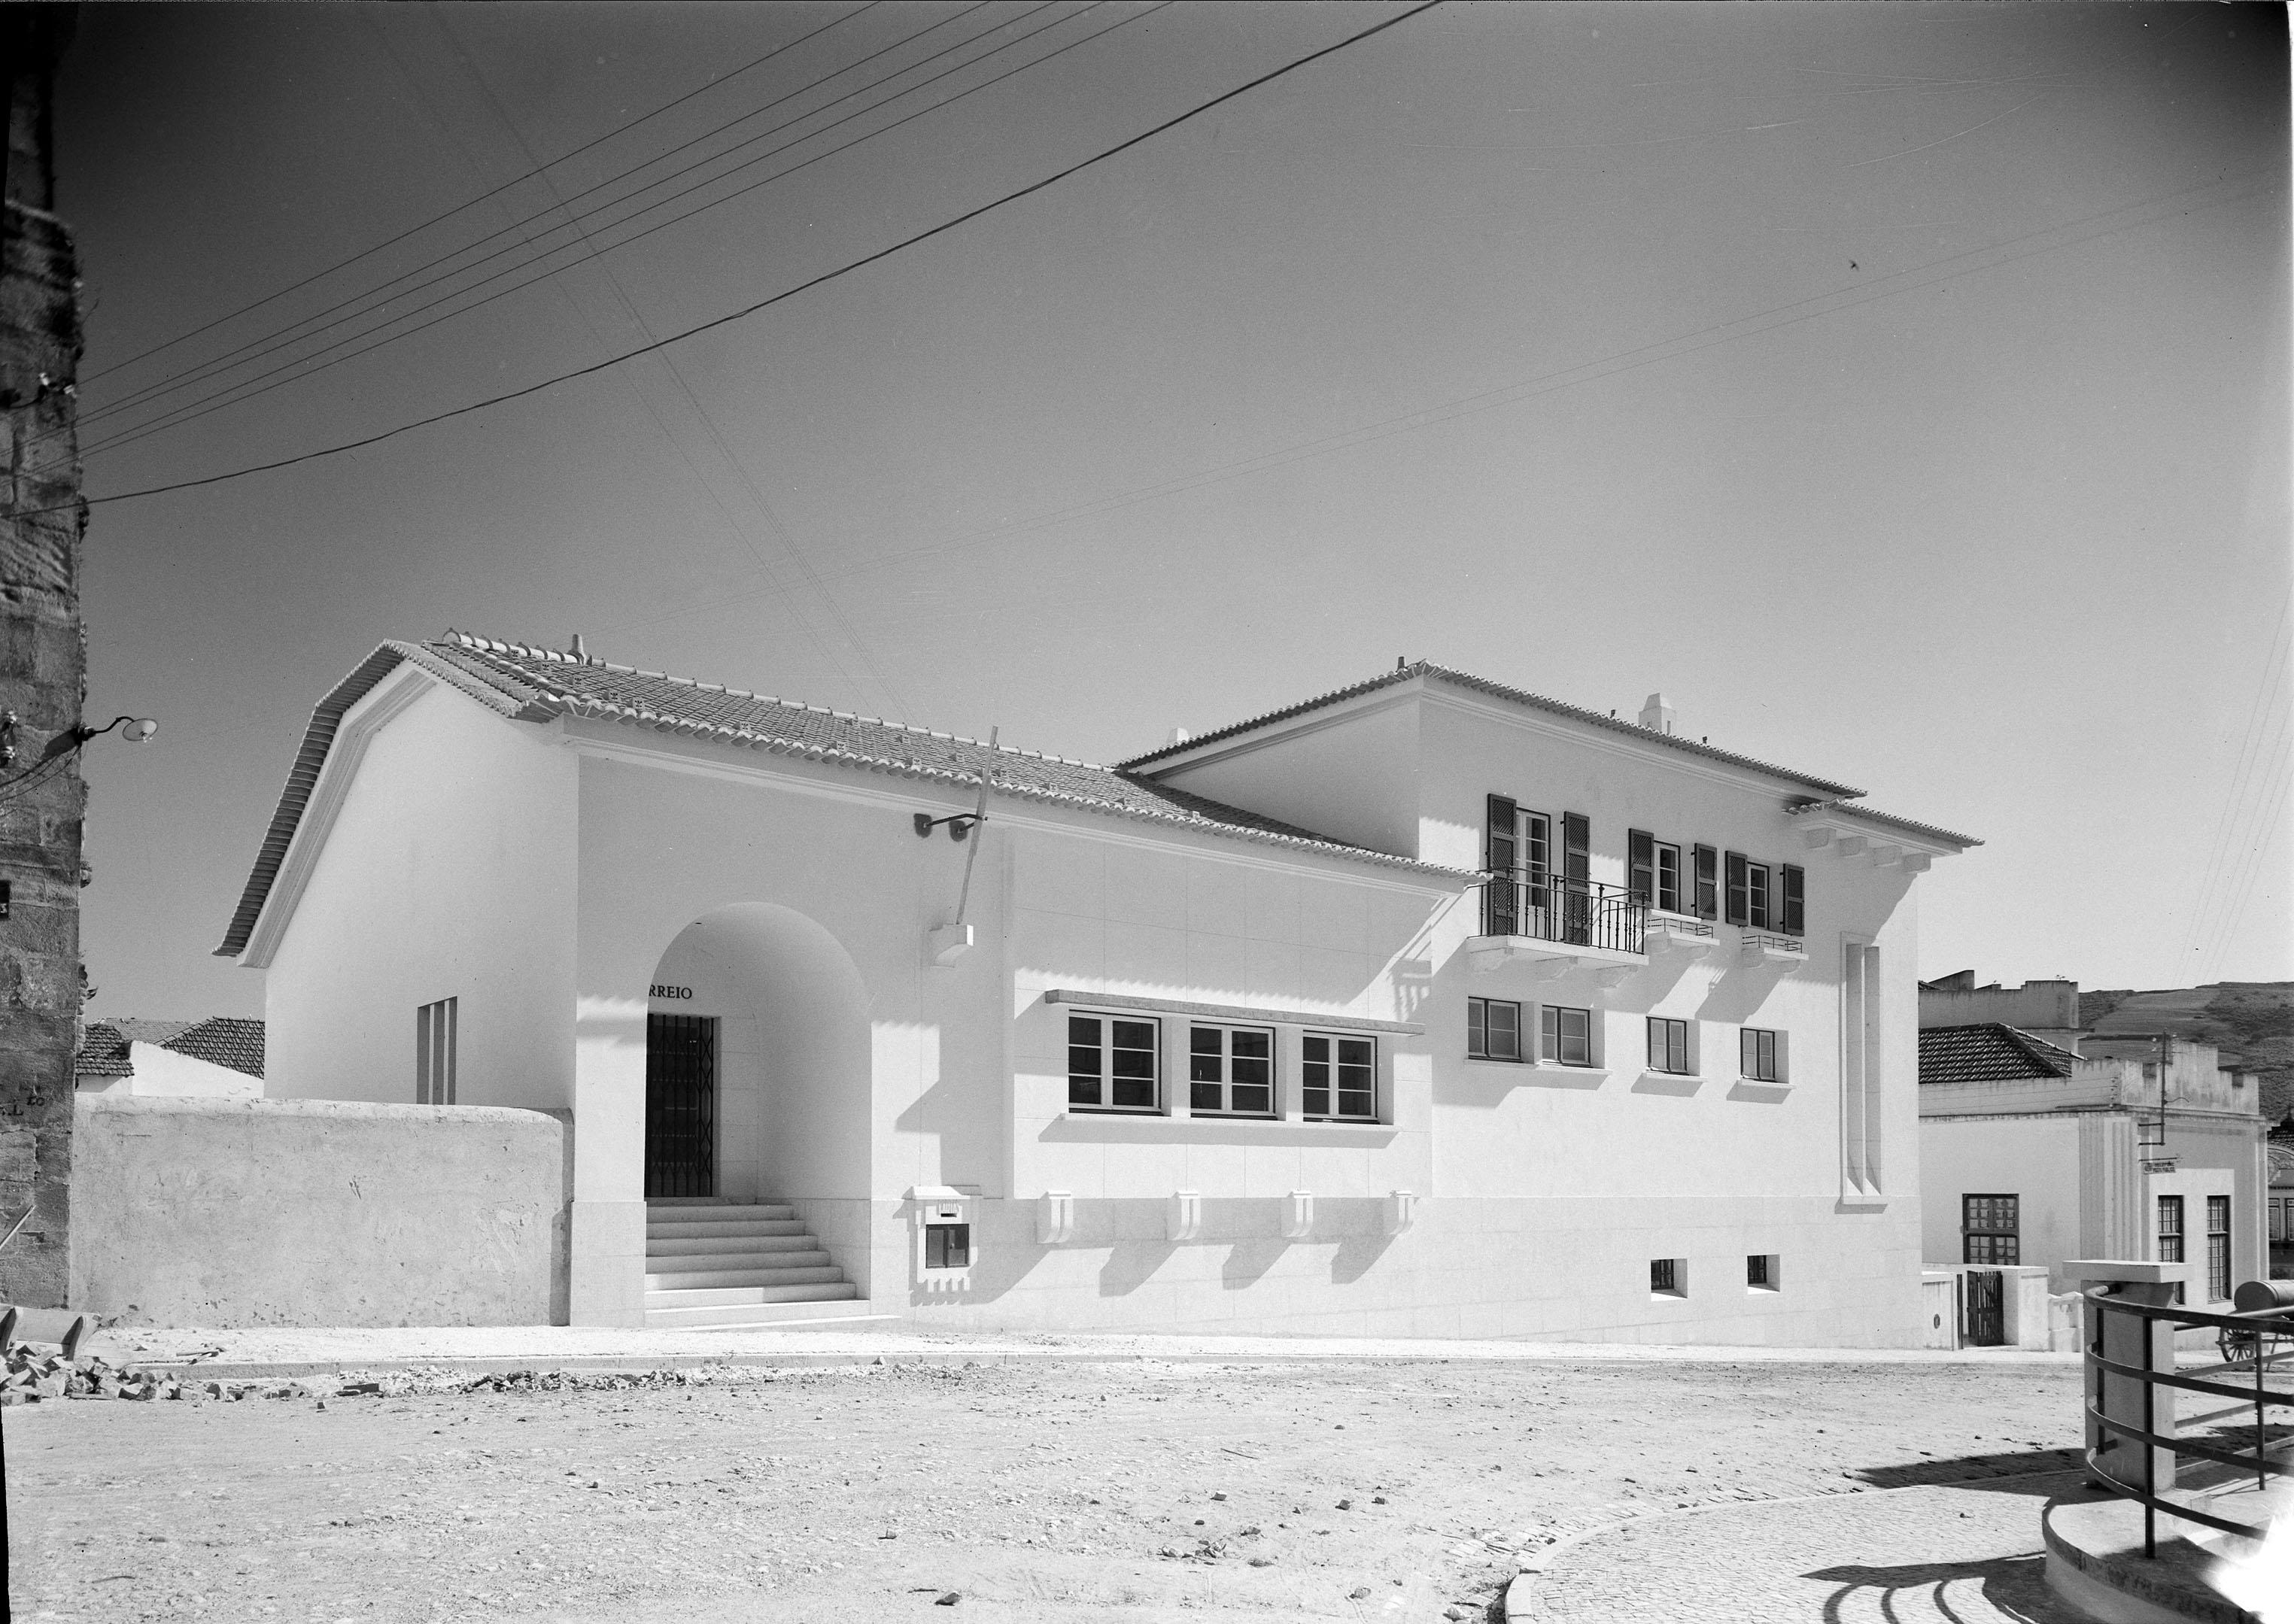 Estação do Correio, Torres Vedras (M. Novaes, c. 1940)